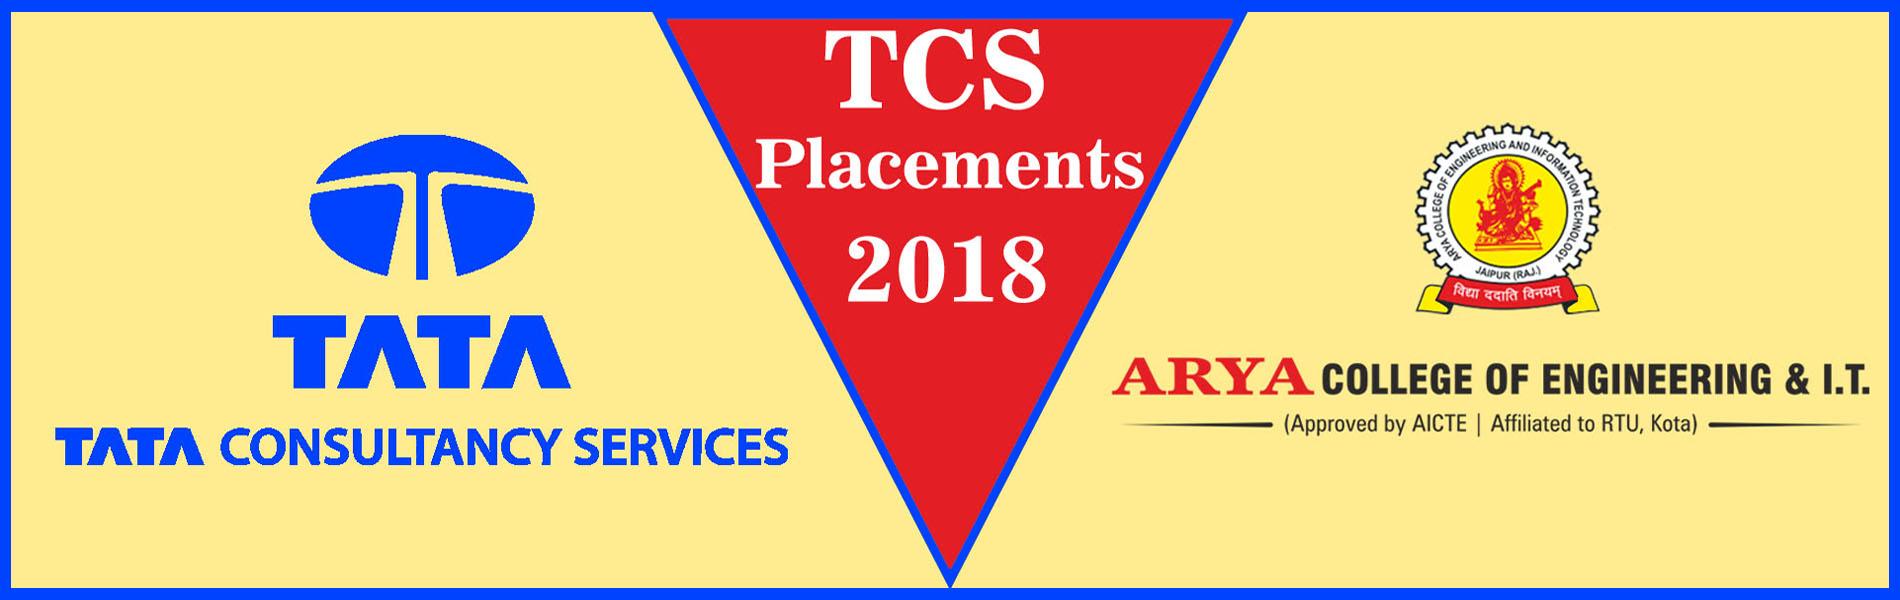 tcs-arya-college